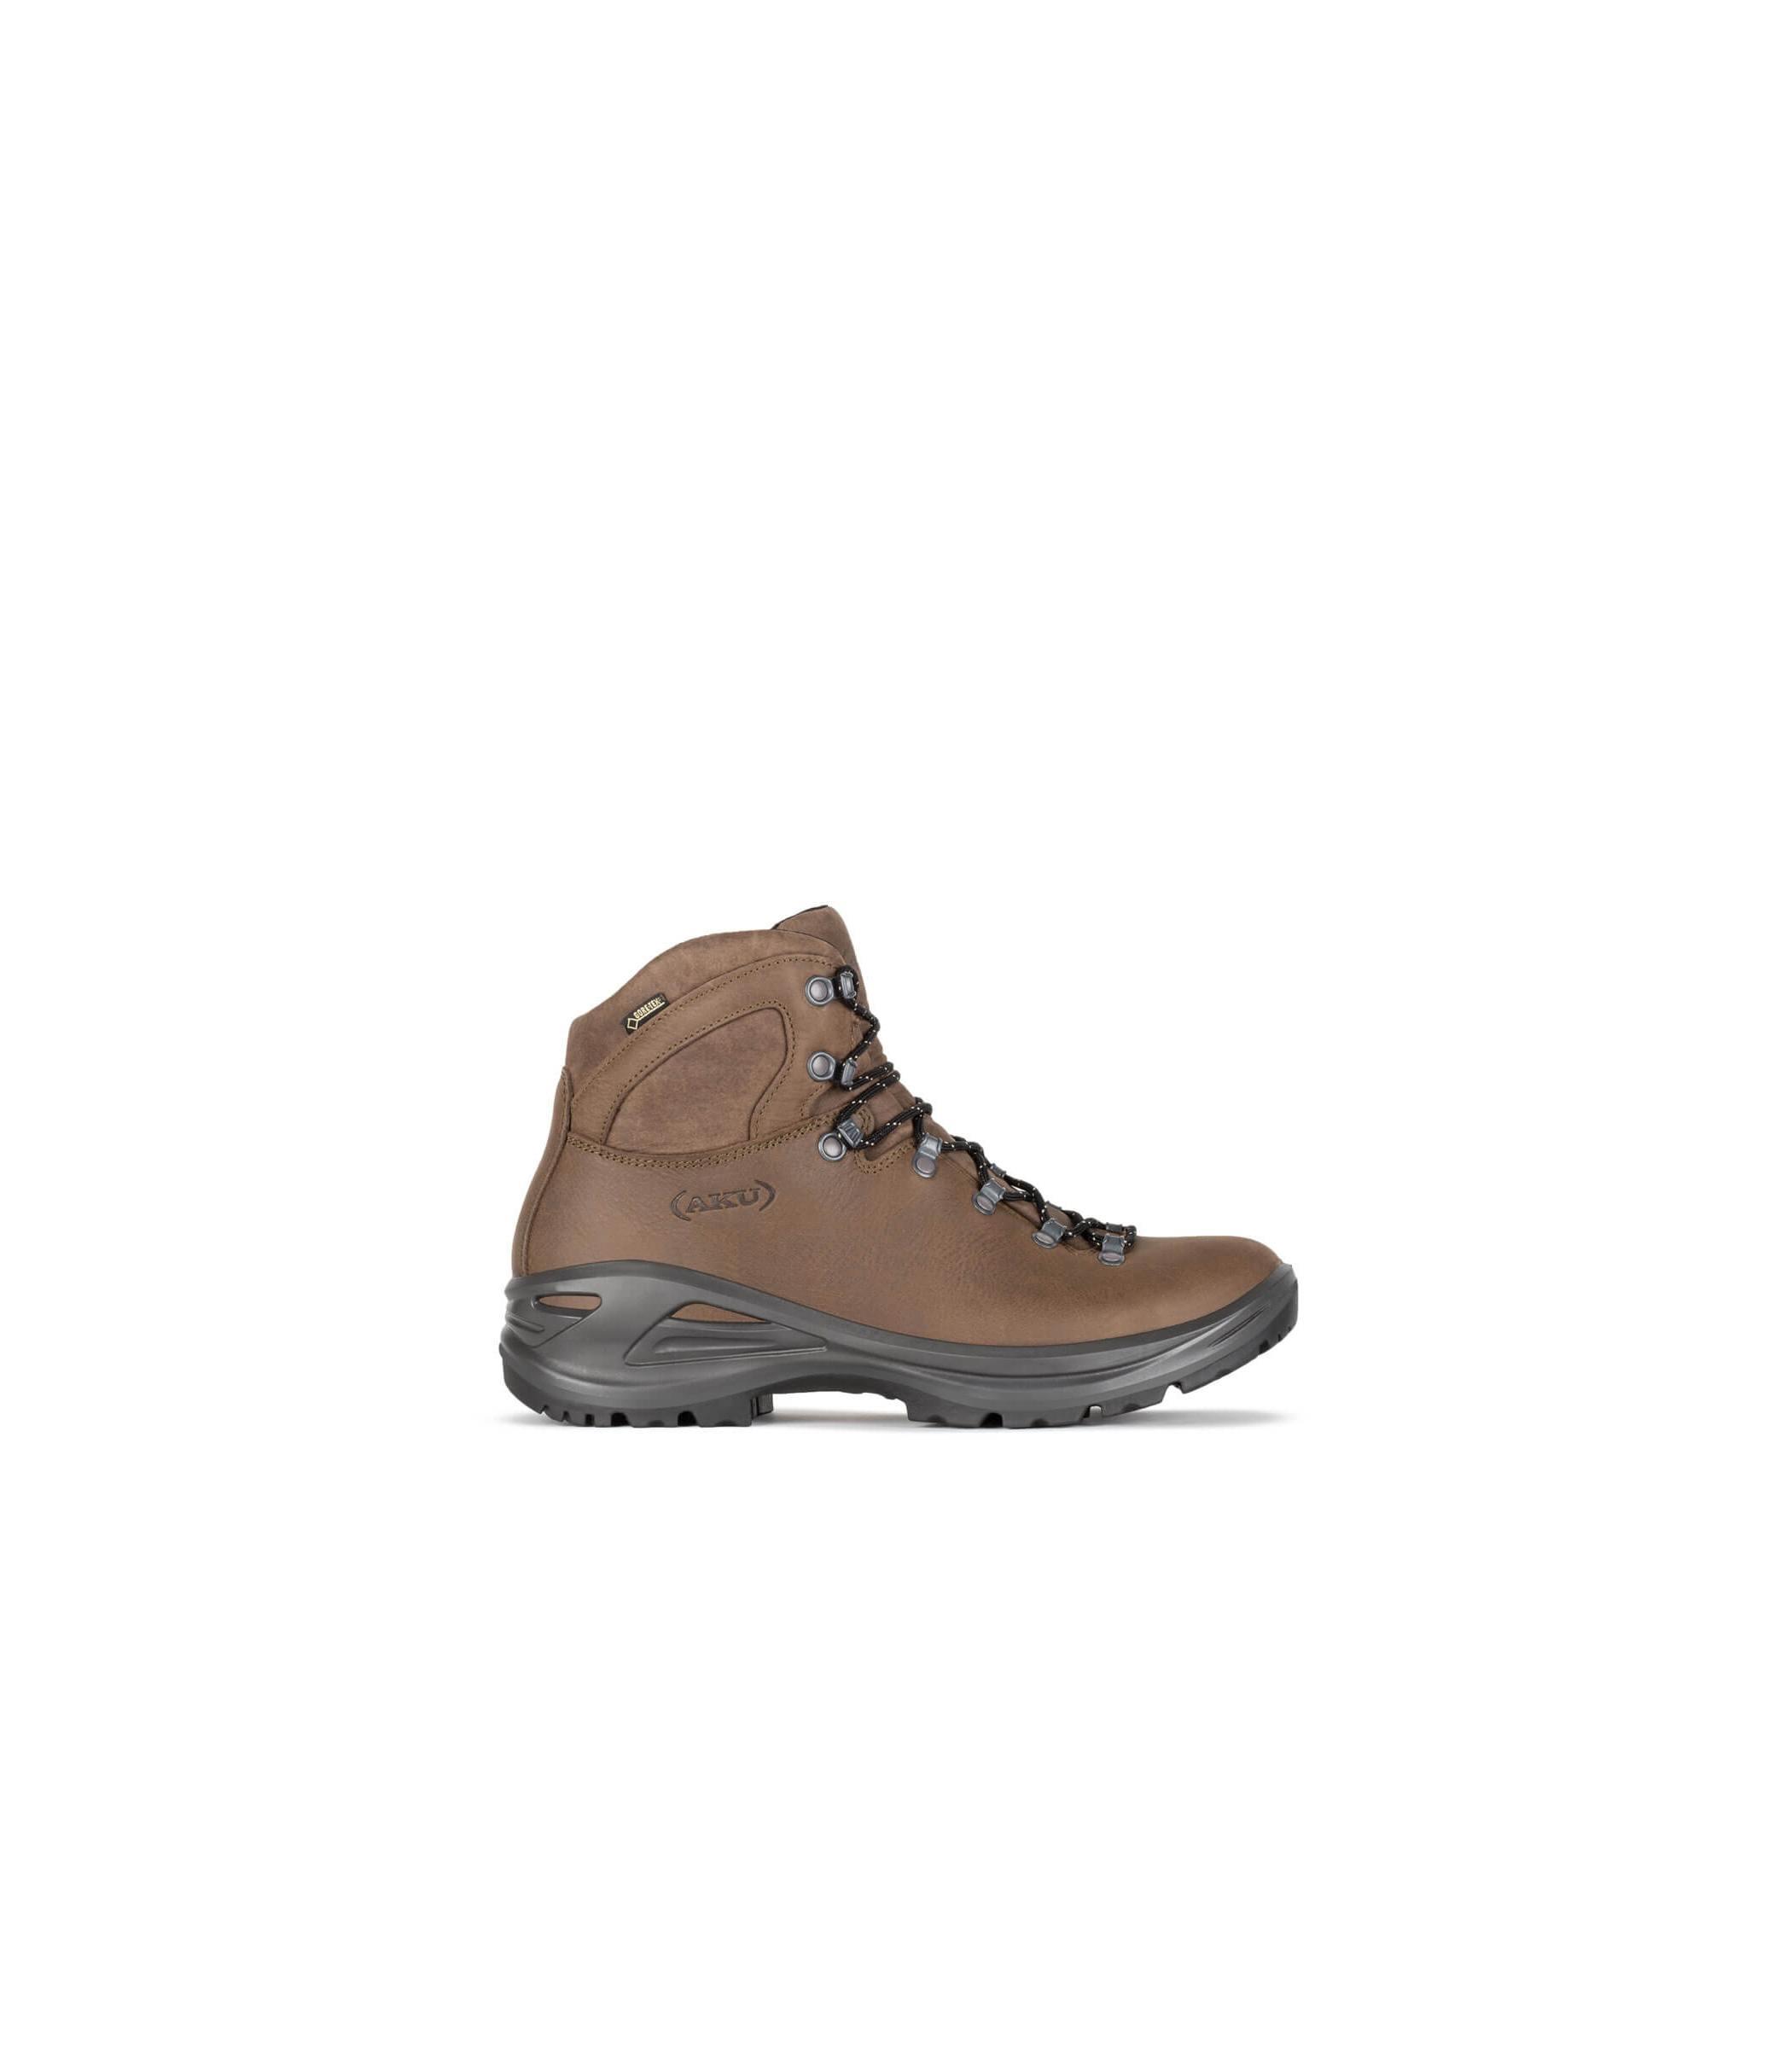 chaussure de randonnée chemin de compostelle